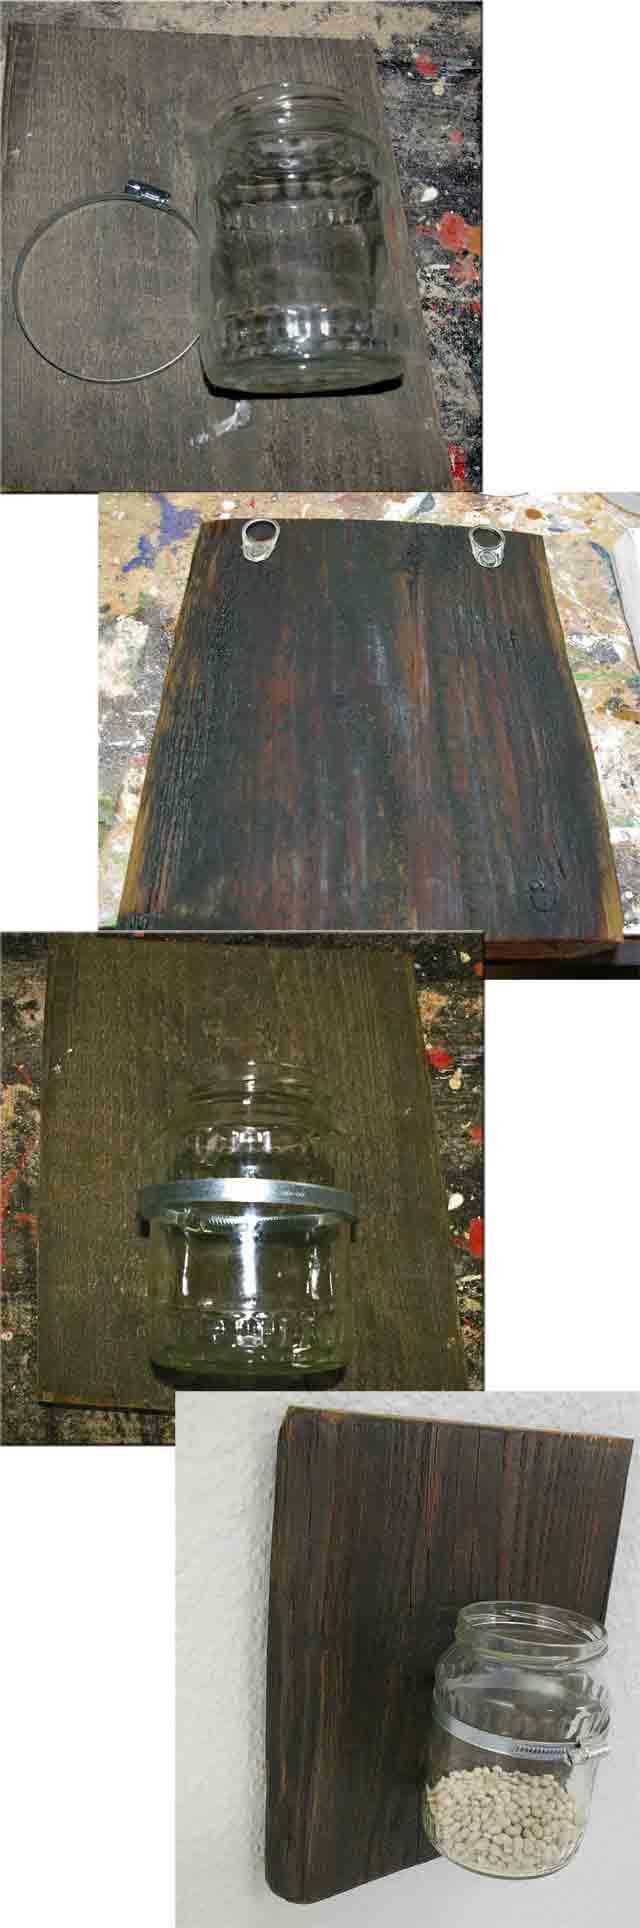 Wandvase recyclingkunst und der versuch langsam und - Brett an die wand anbringen ...